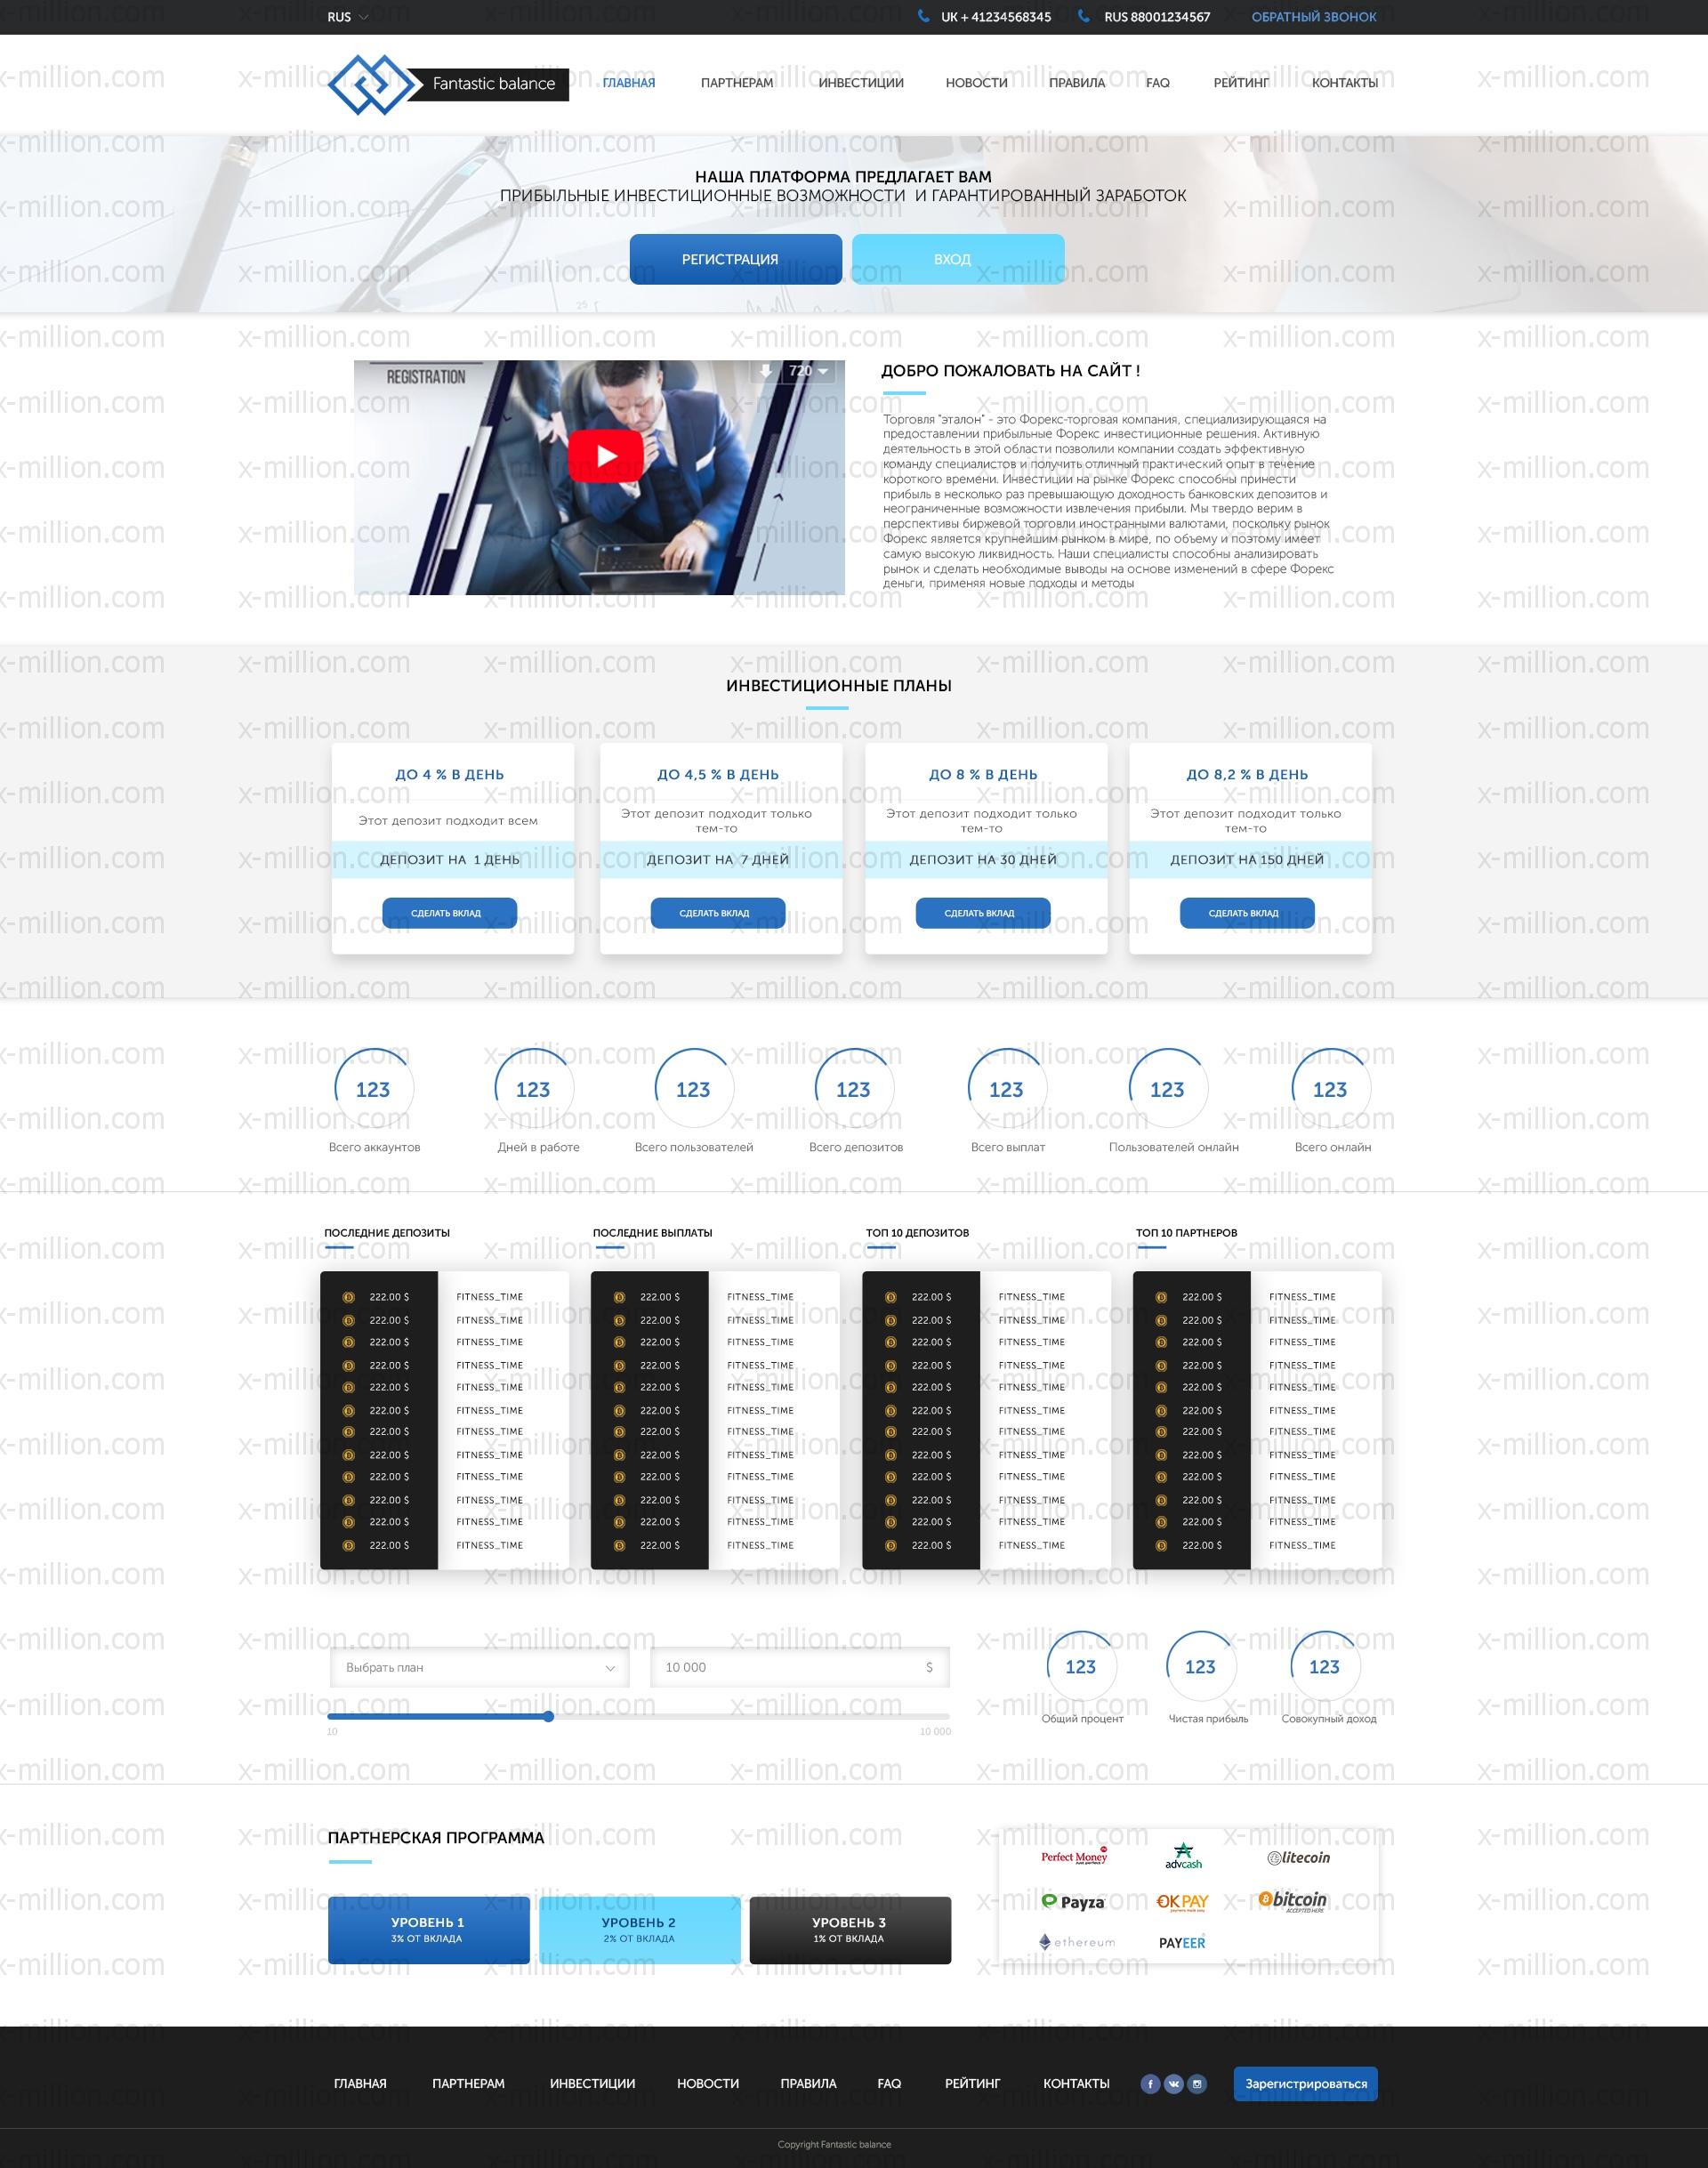 Дизайн Верстка Интеграция под ключ. Все для хайп. Star-gross.com